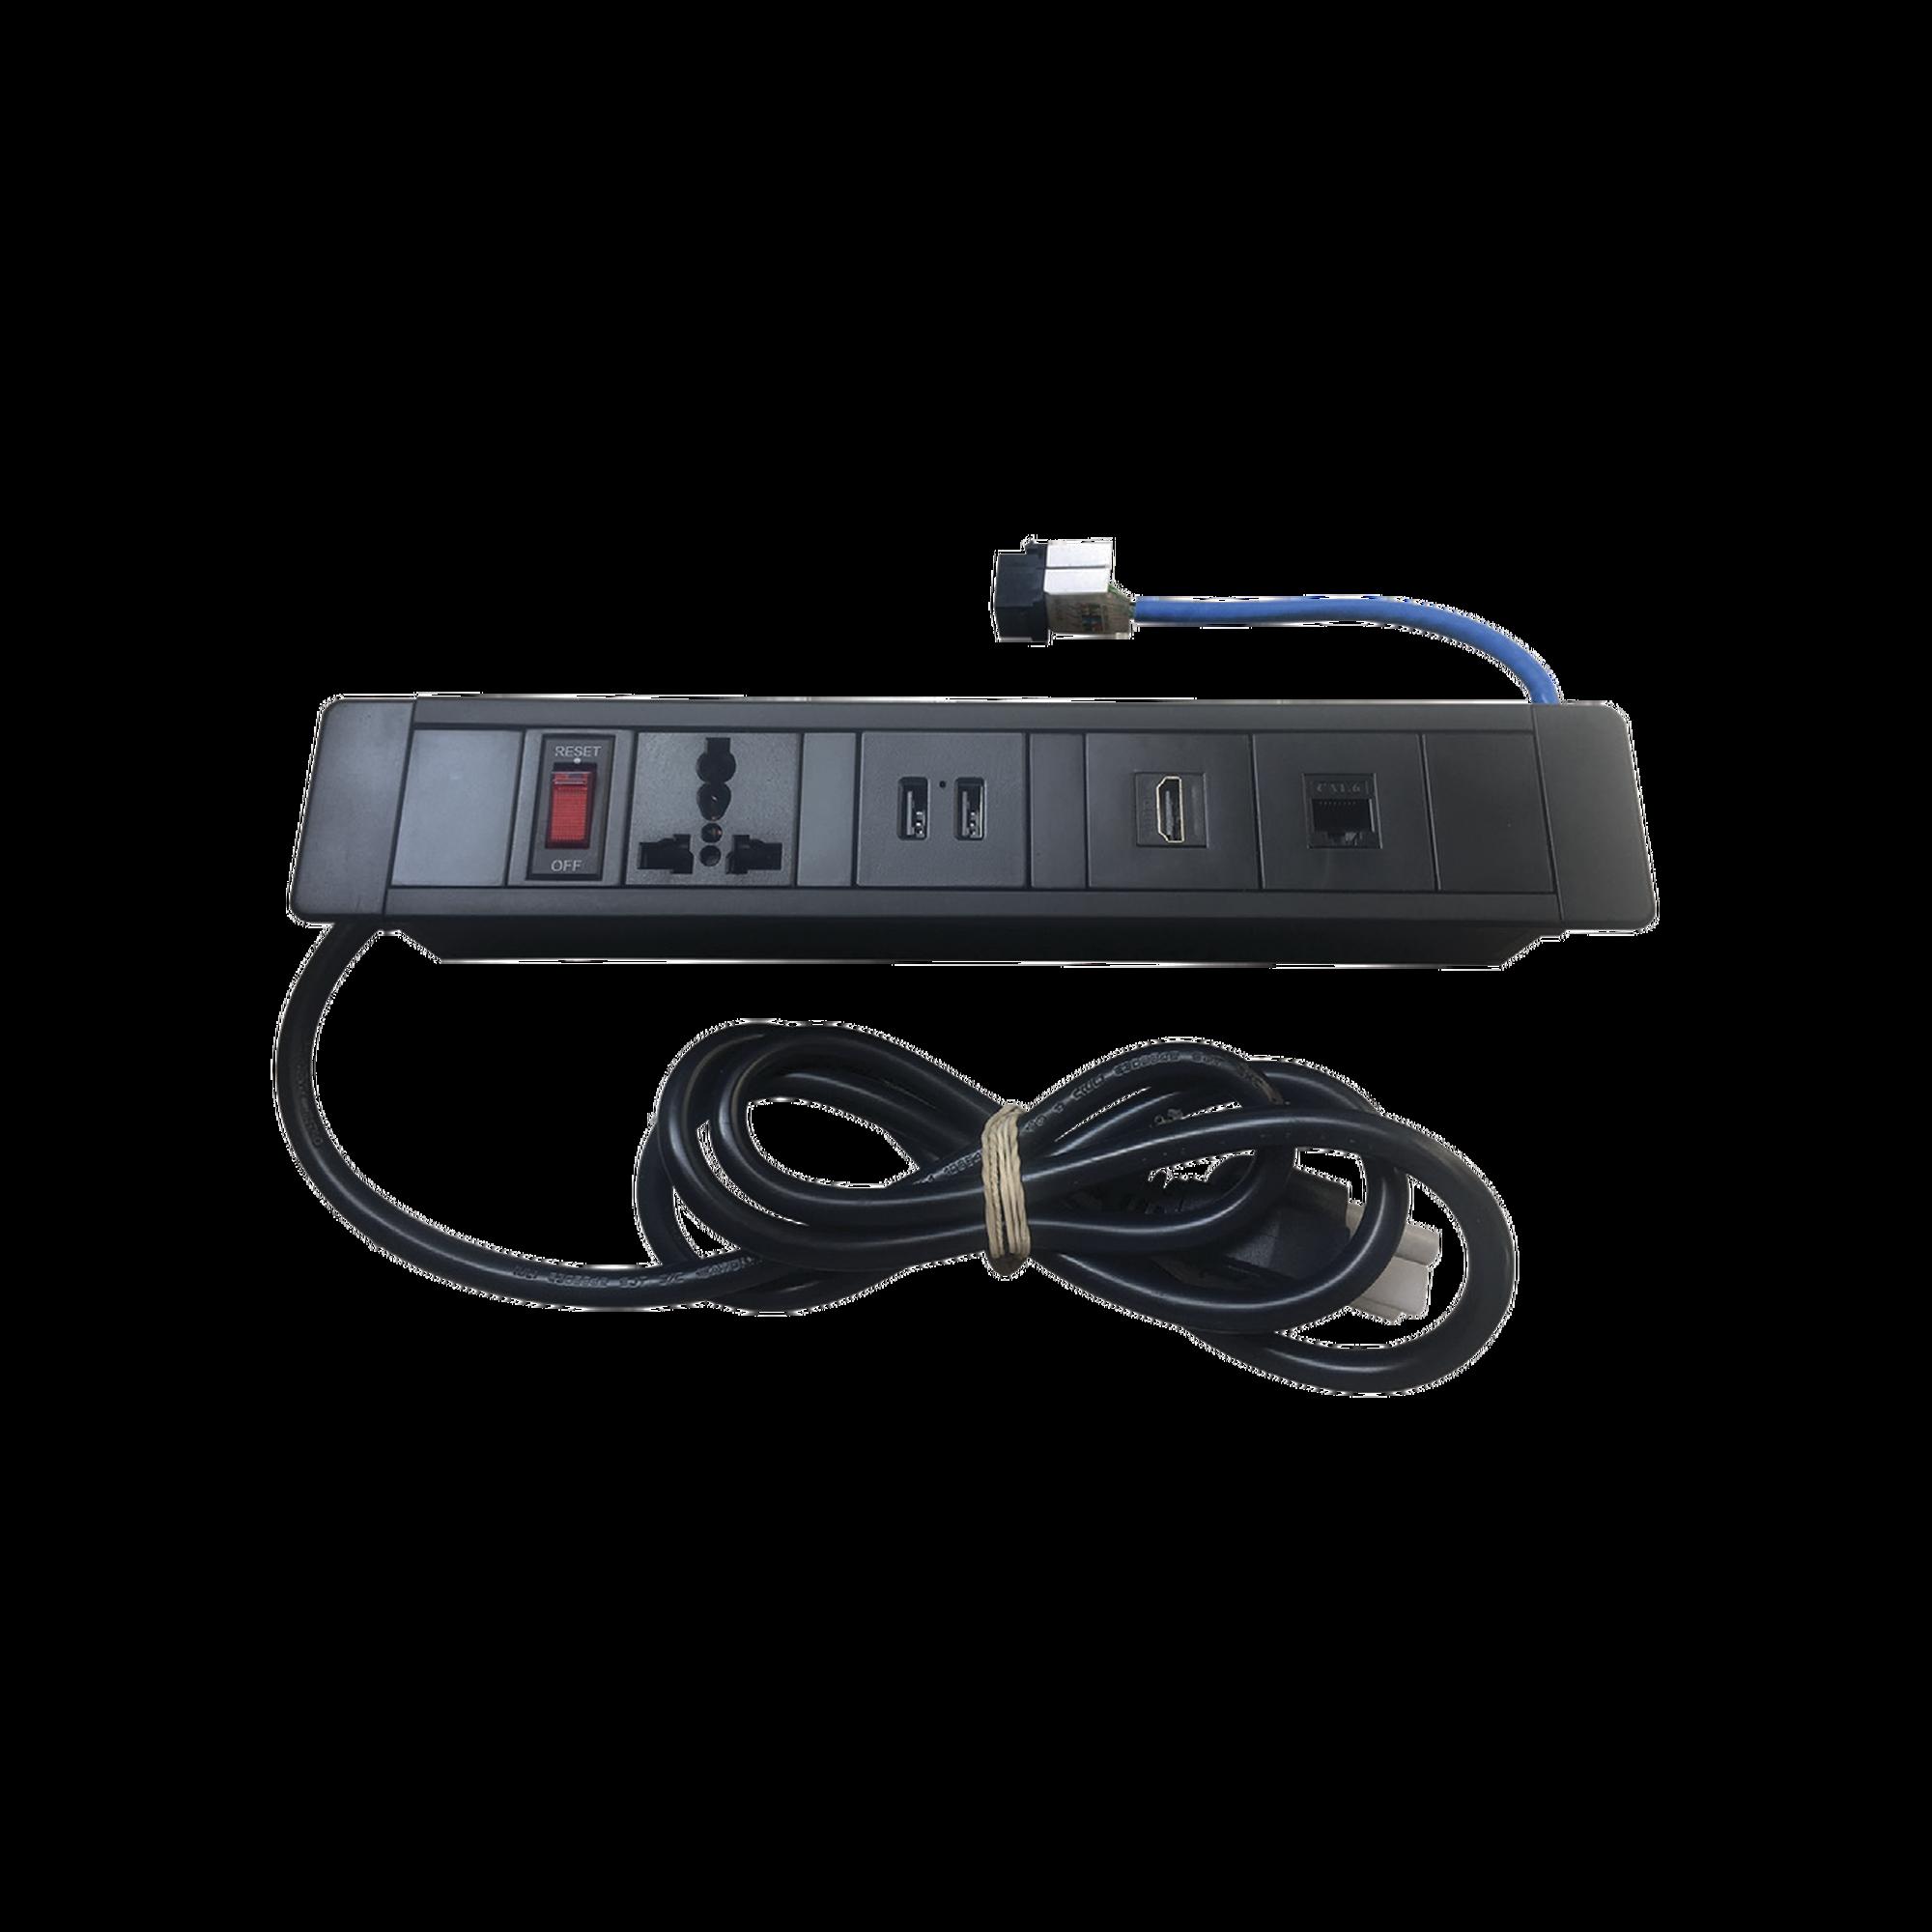 Hub para escritorio color negro,  con 1 Puerto HDMI Hembra-Hembra, 1 Conector RJ45 Cat6, 2 Puertos USB 5V DC /2 A, y 1 Contacto eléctrico universal